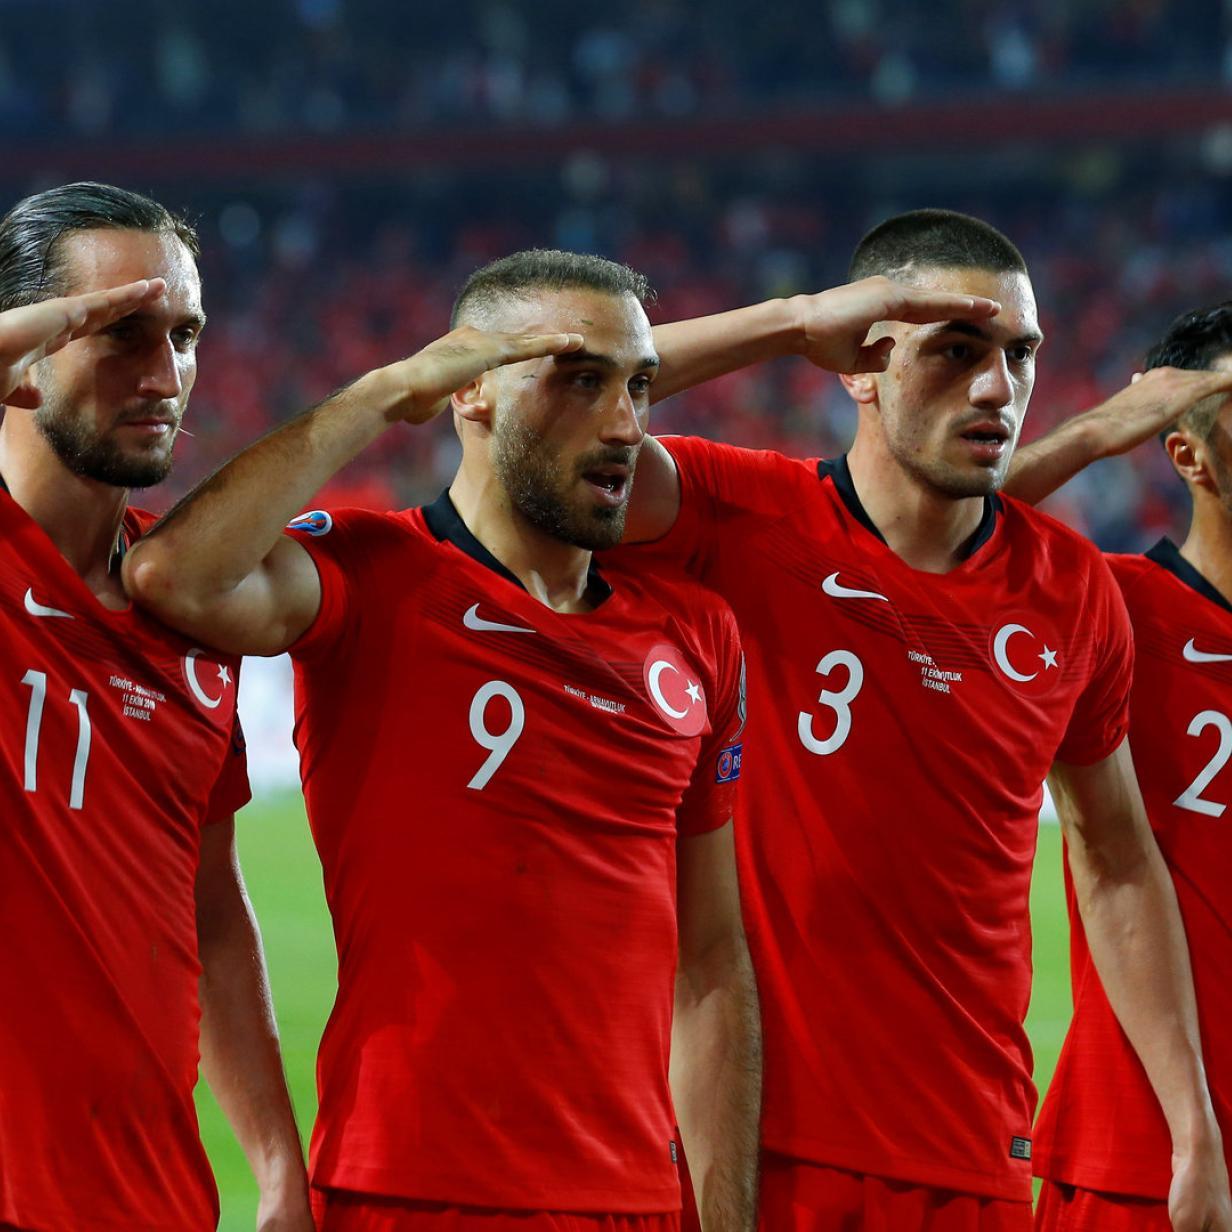 Militärgruß türkischer Nationalspieler: UEFA ist alarmiert